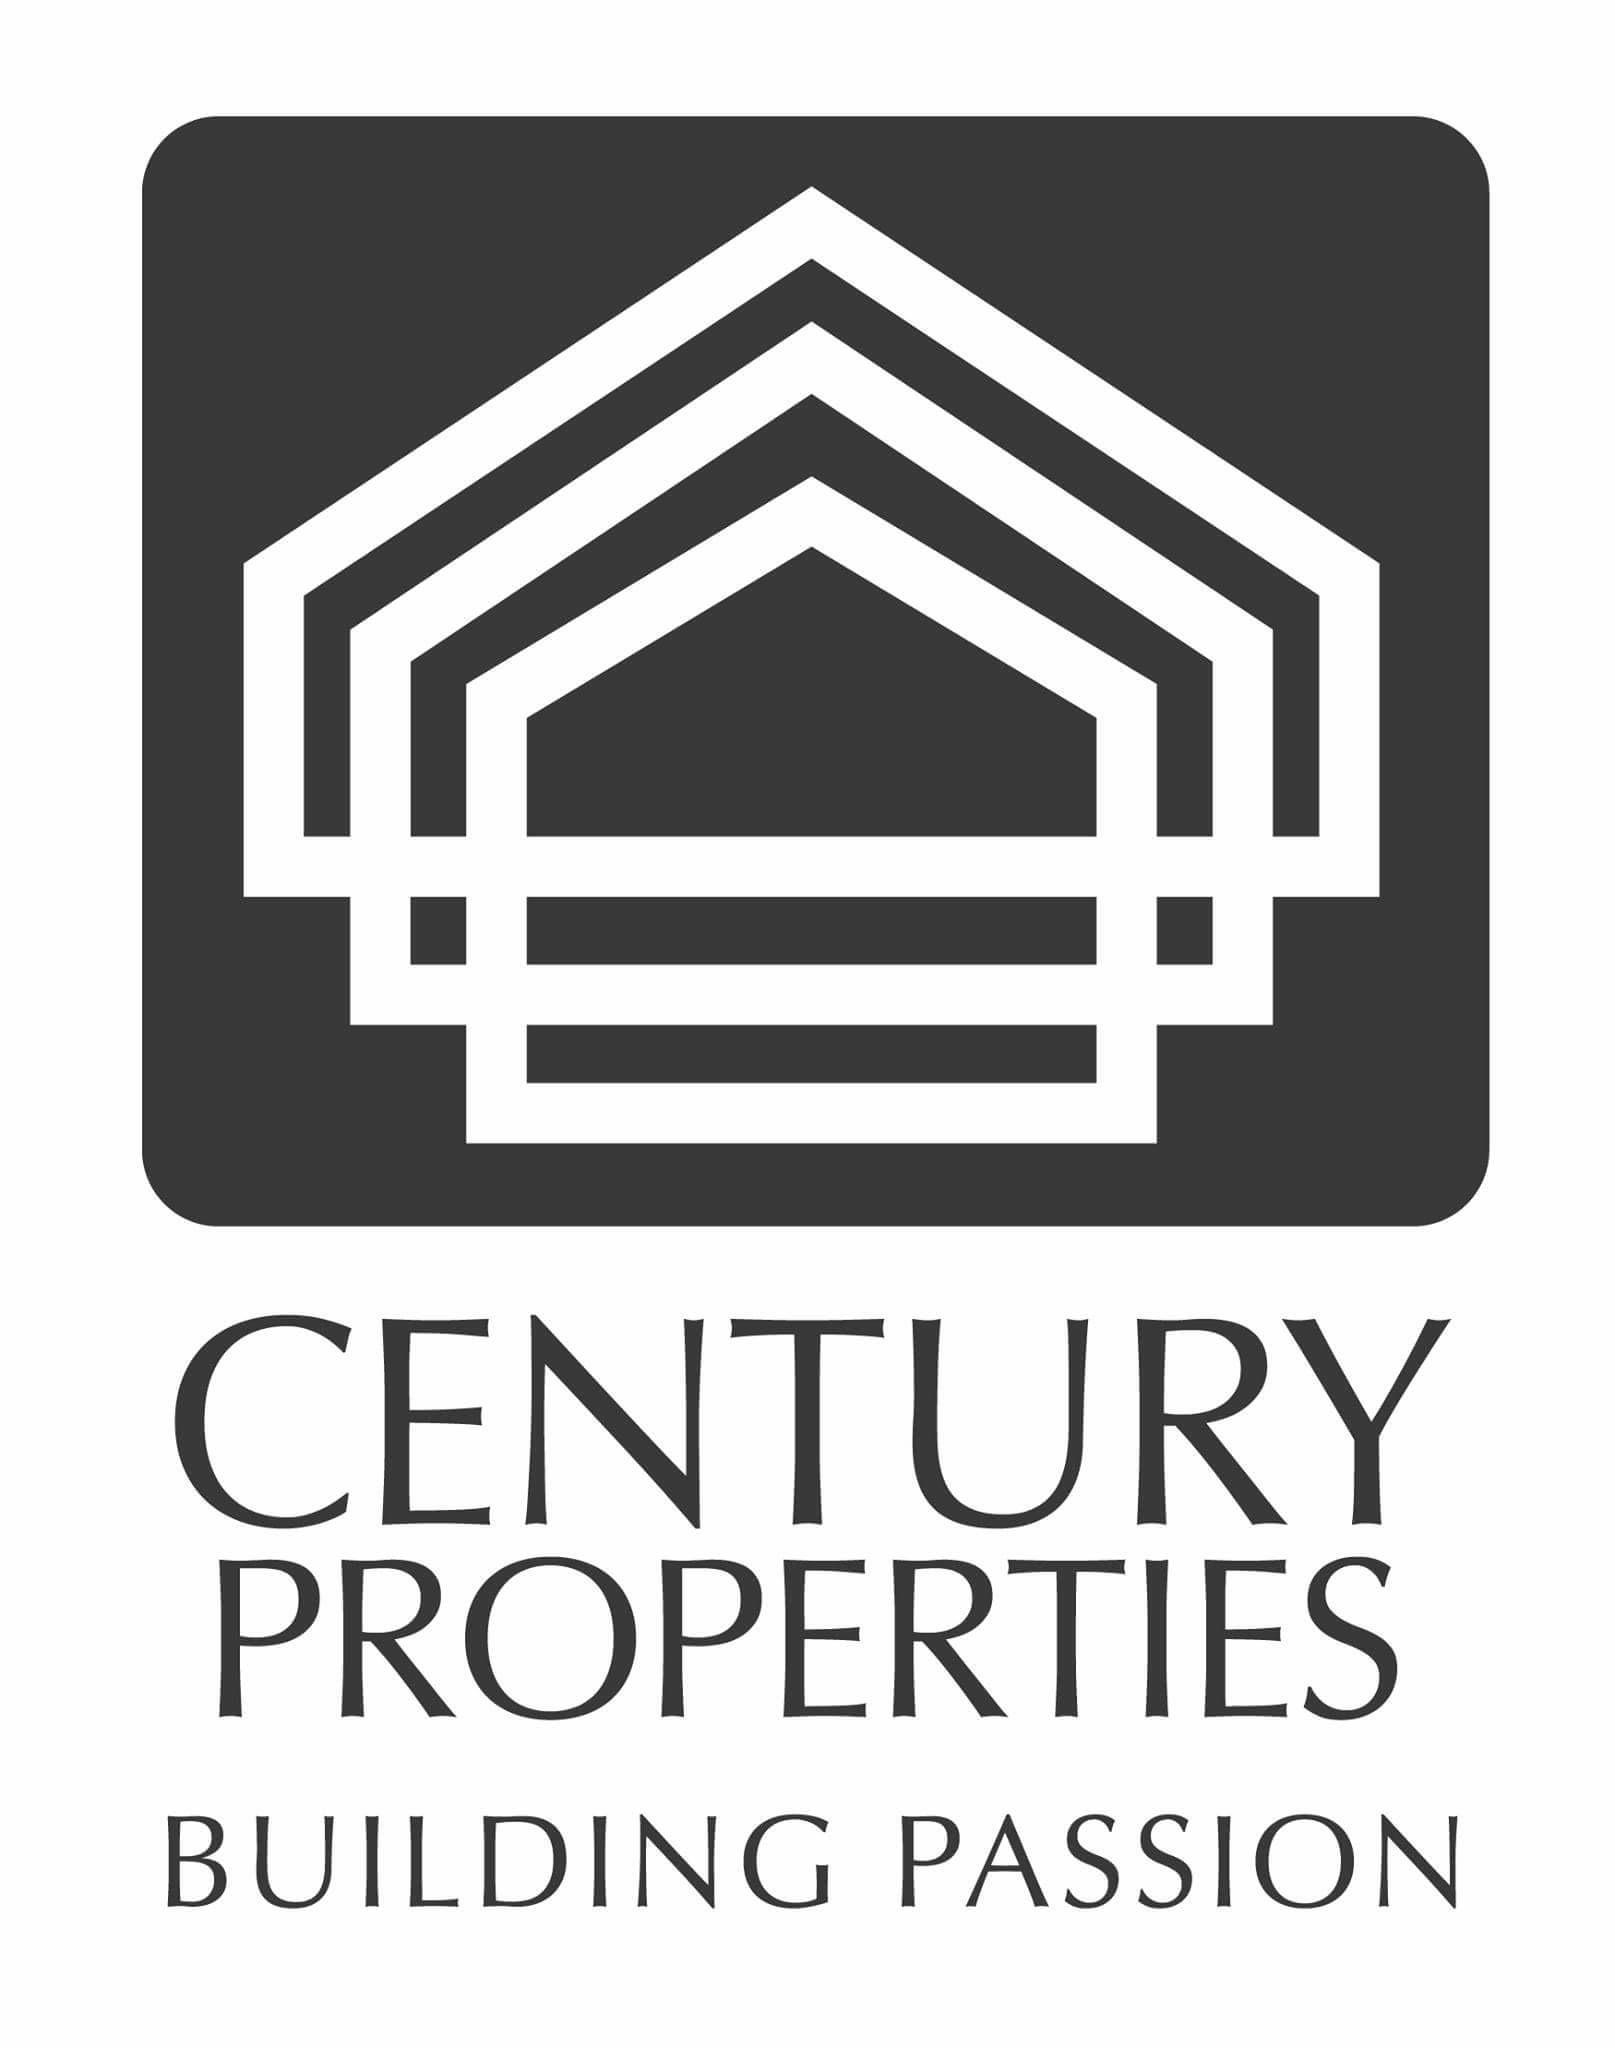 Century Prosperity